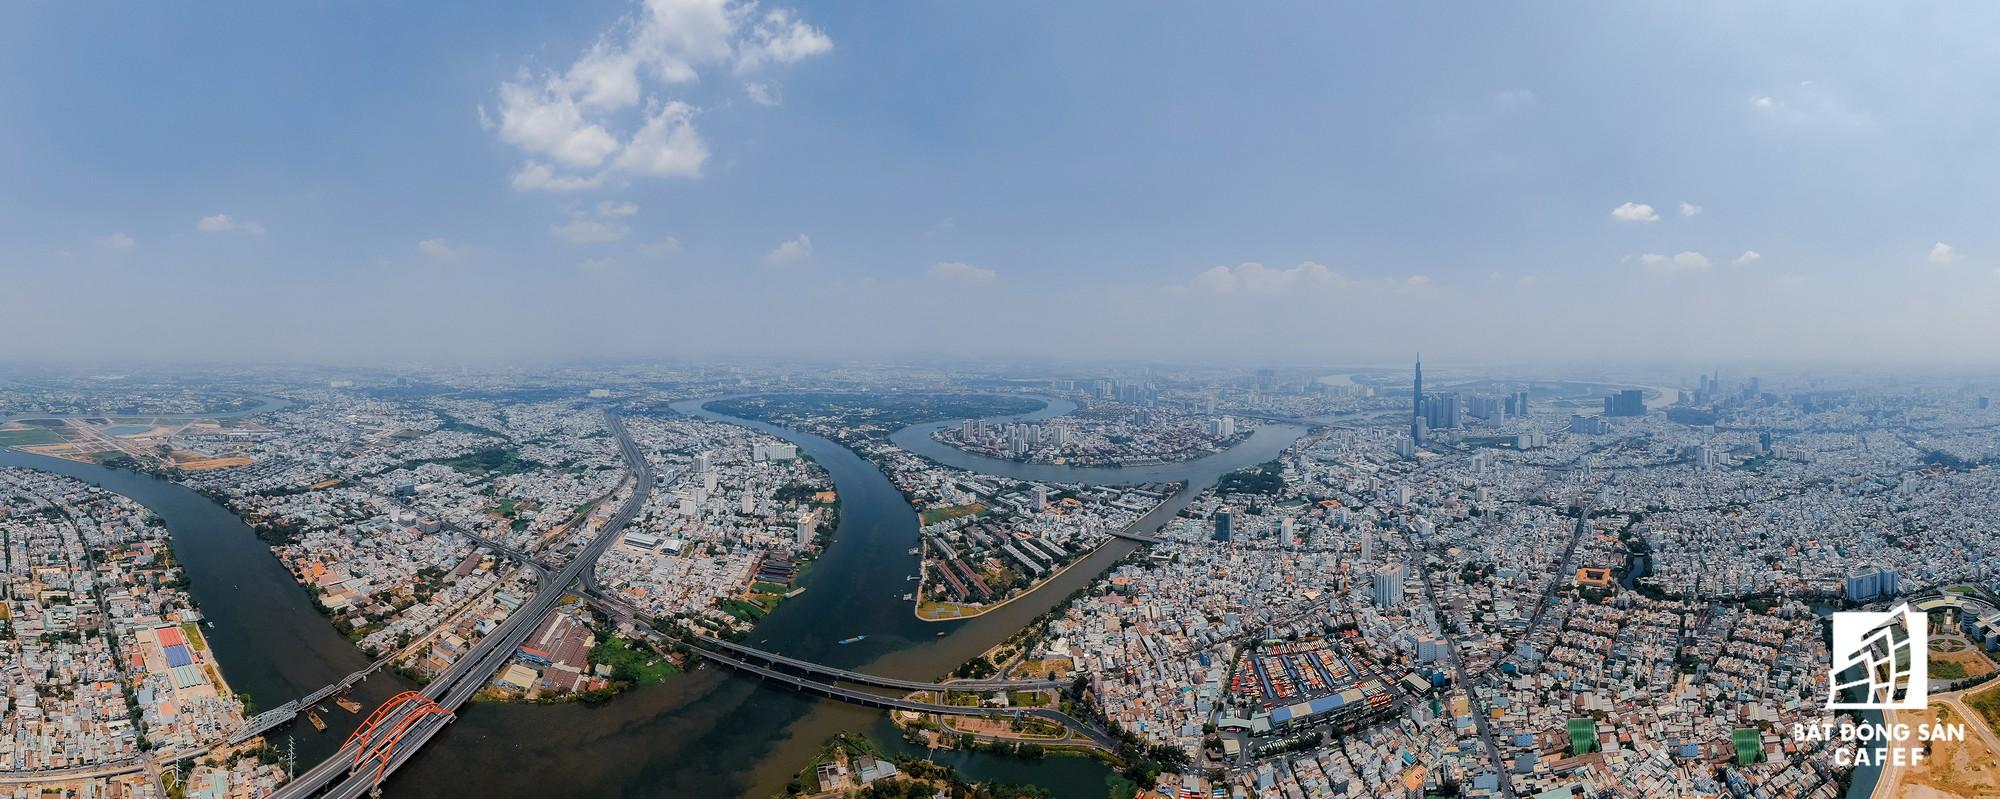 Diện mạo hai bờ sông Sài Gòn tương lai nhìn từ loạt siêu dự án tỷ đô, khu vực trung tâm giá nhà lên hơn 1 tỷ đồng/m2 - Ảnh 26. Diện mạo hai bờ sông Sài Gòn tương lai nhìn từ loạt siêu dự án tỷ đô, khu vực trung tâm giá nhà lên hơn 1 tỷ đồng/m2 Diện mạo hai bờ sông Sài Gòn tương lai nhìn từ loạt siêu dự án tỷ đô, khu vực trung tâm giá nhà lên hơn 1 tỷ đồng/m2 hinh 45 15682777859861957861324